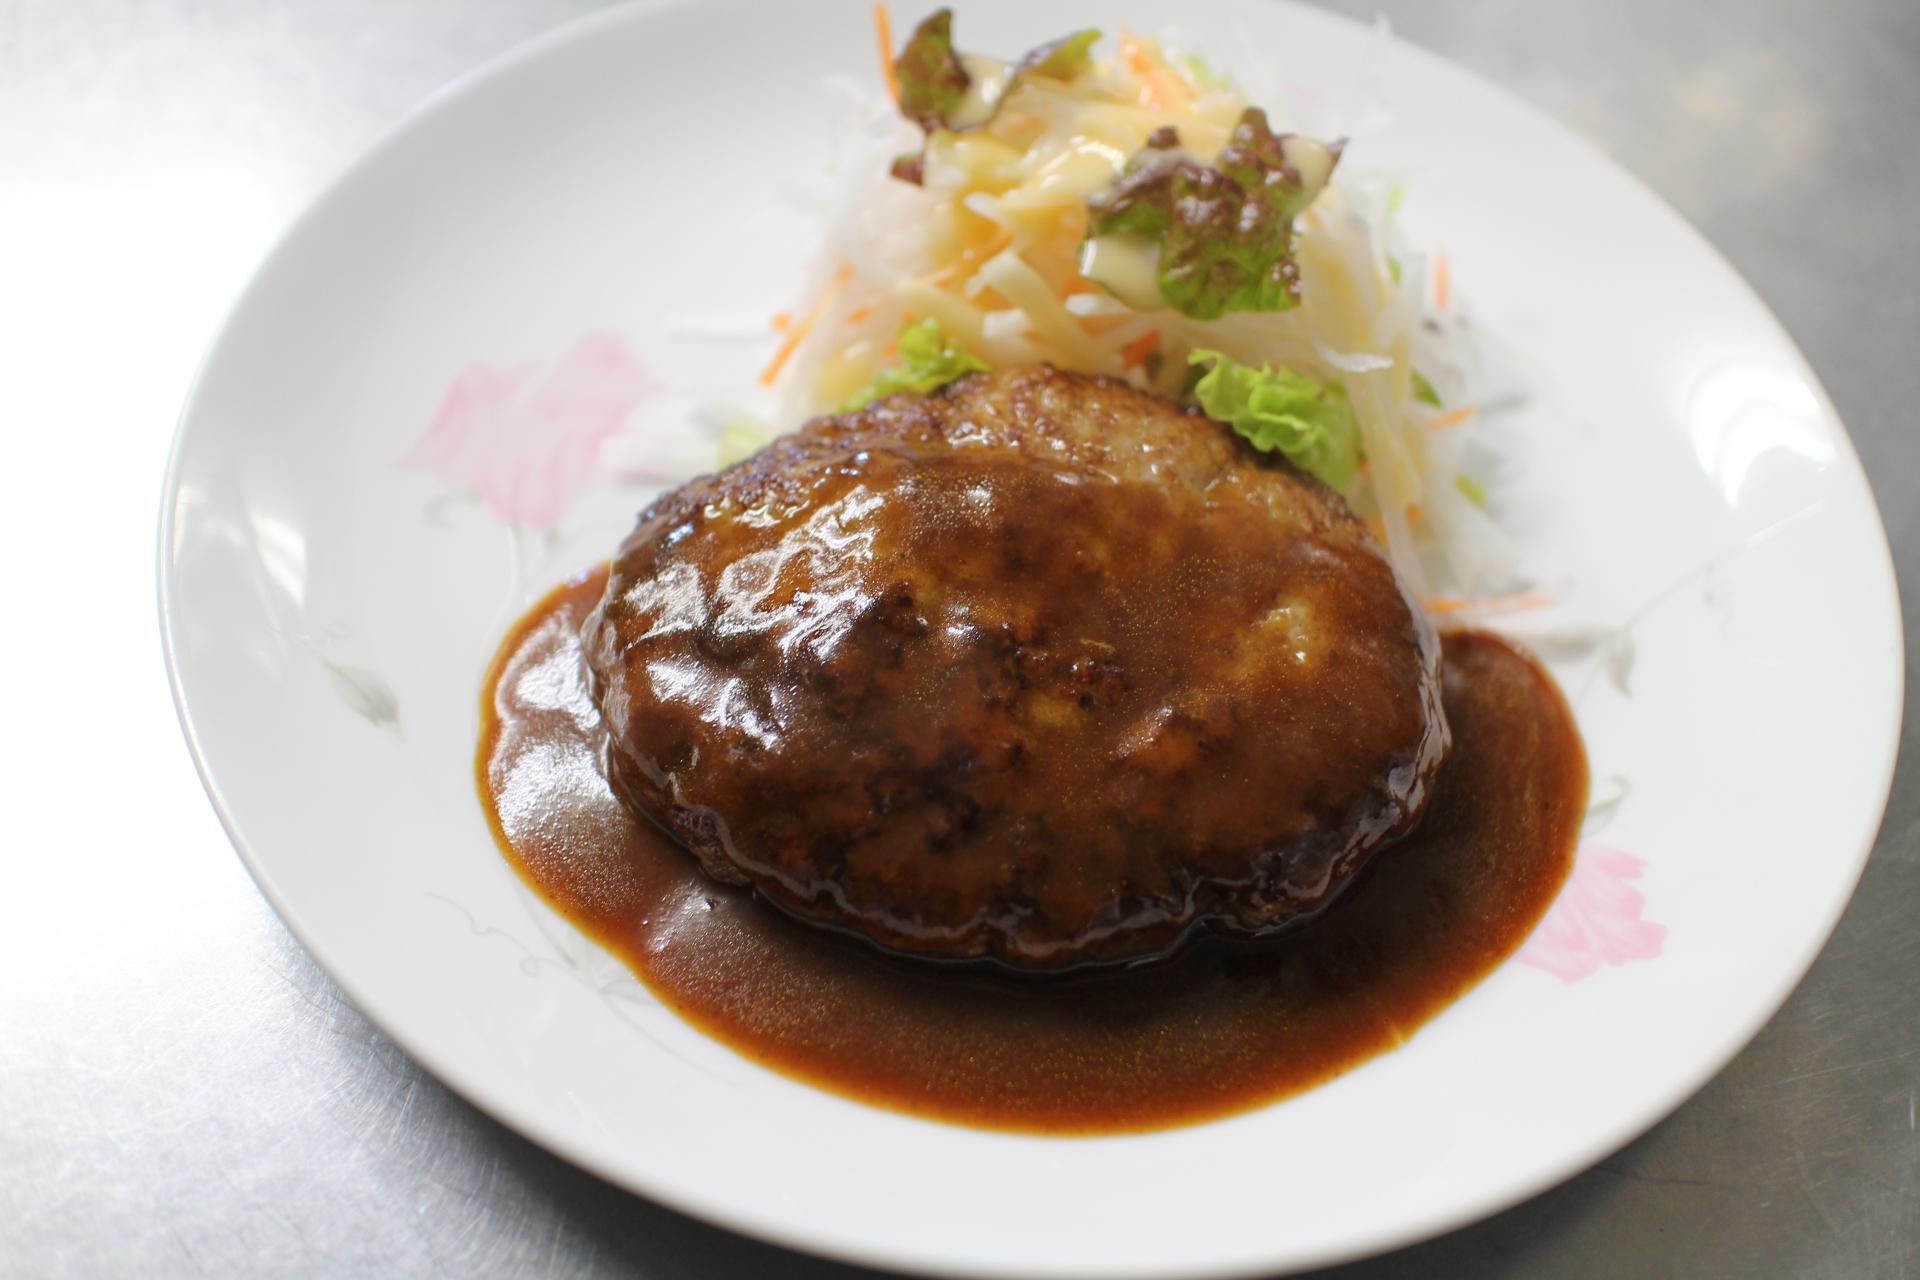 銀座の老舗「あづま」でおいしい洋食を!ランチにおすすめのメニューも紹介!